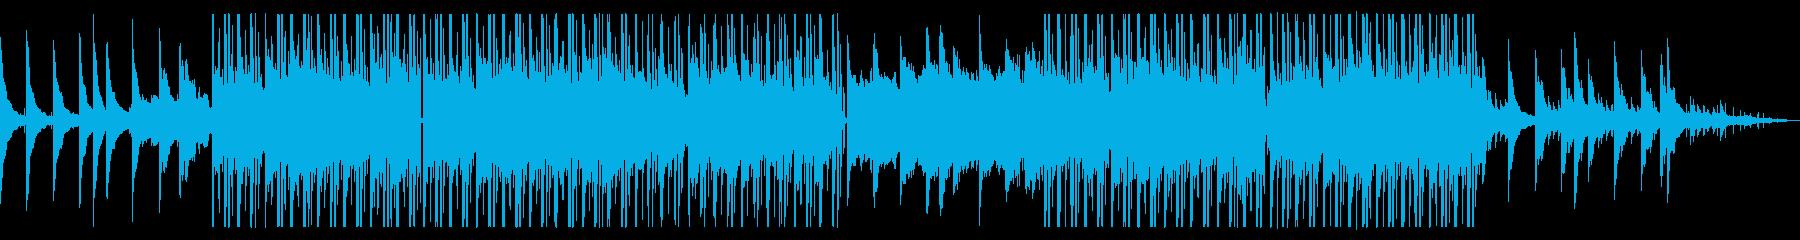 昼下がりの雑踏を歩いているイメージの曲の再生済みの波形